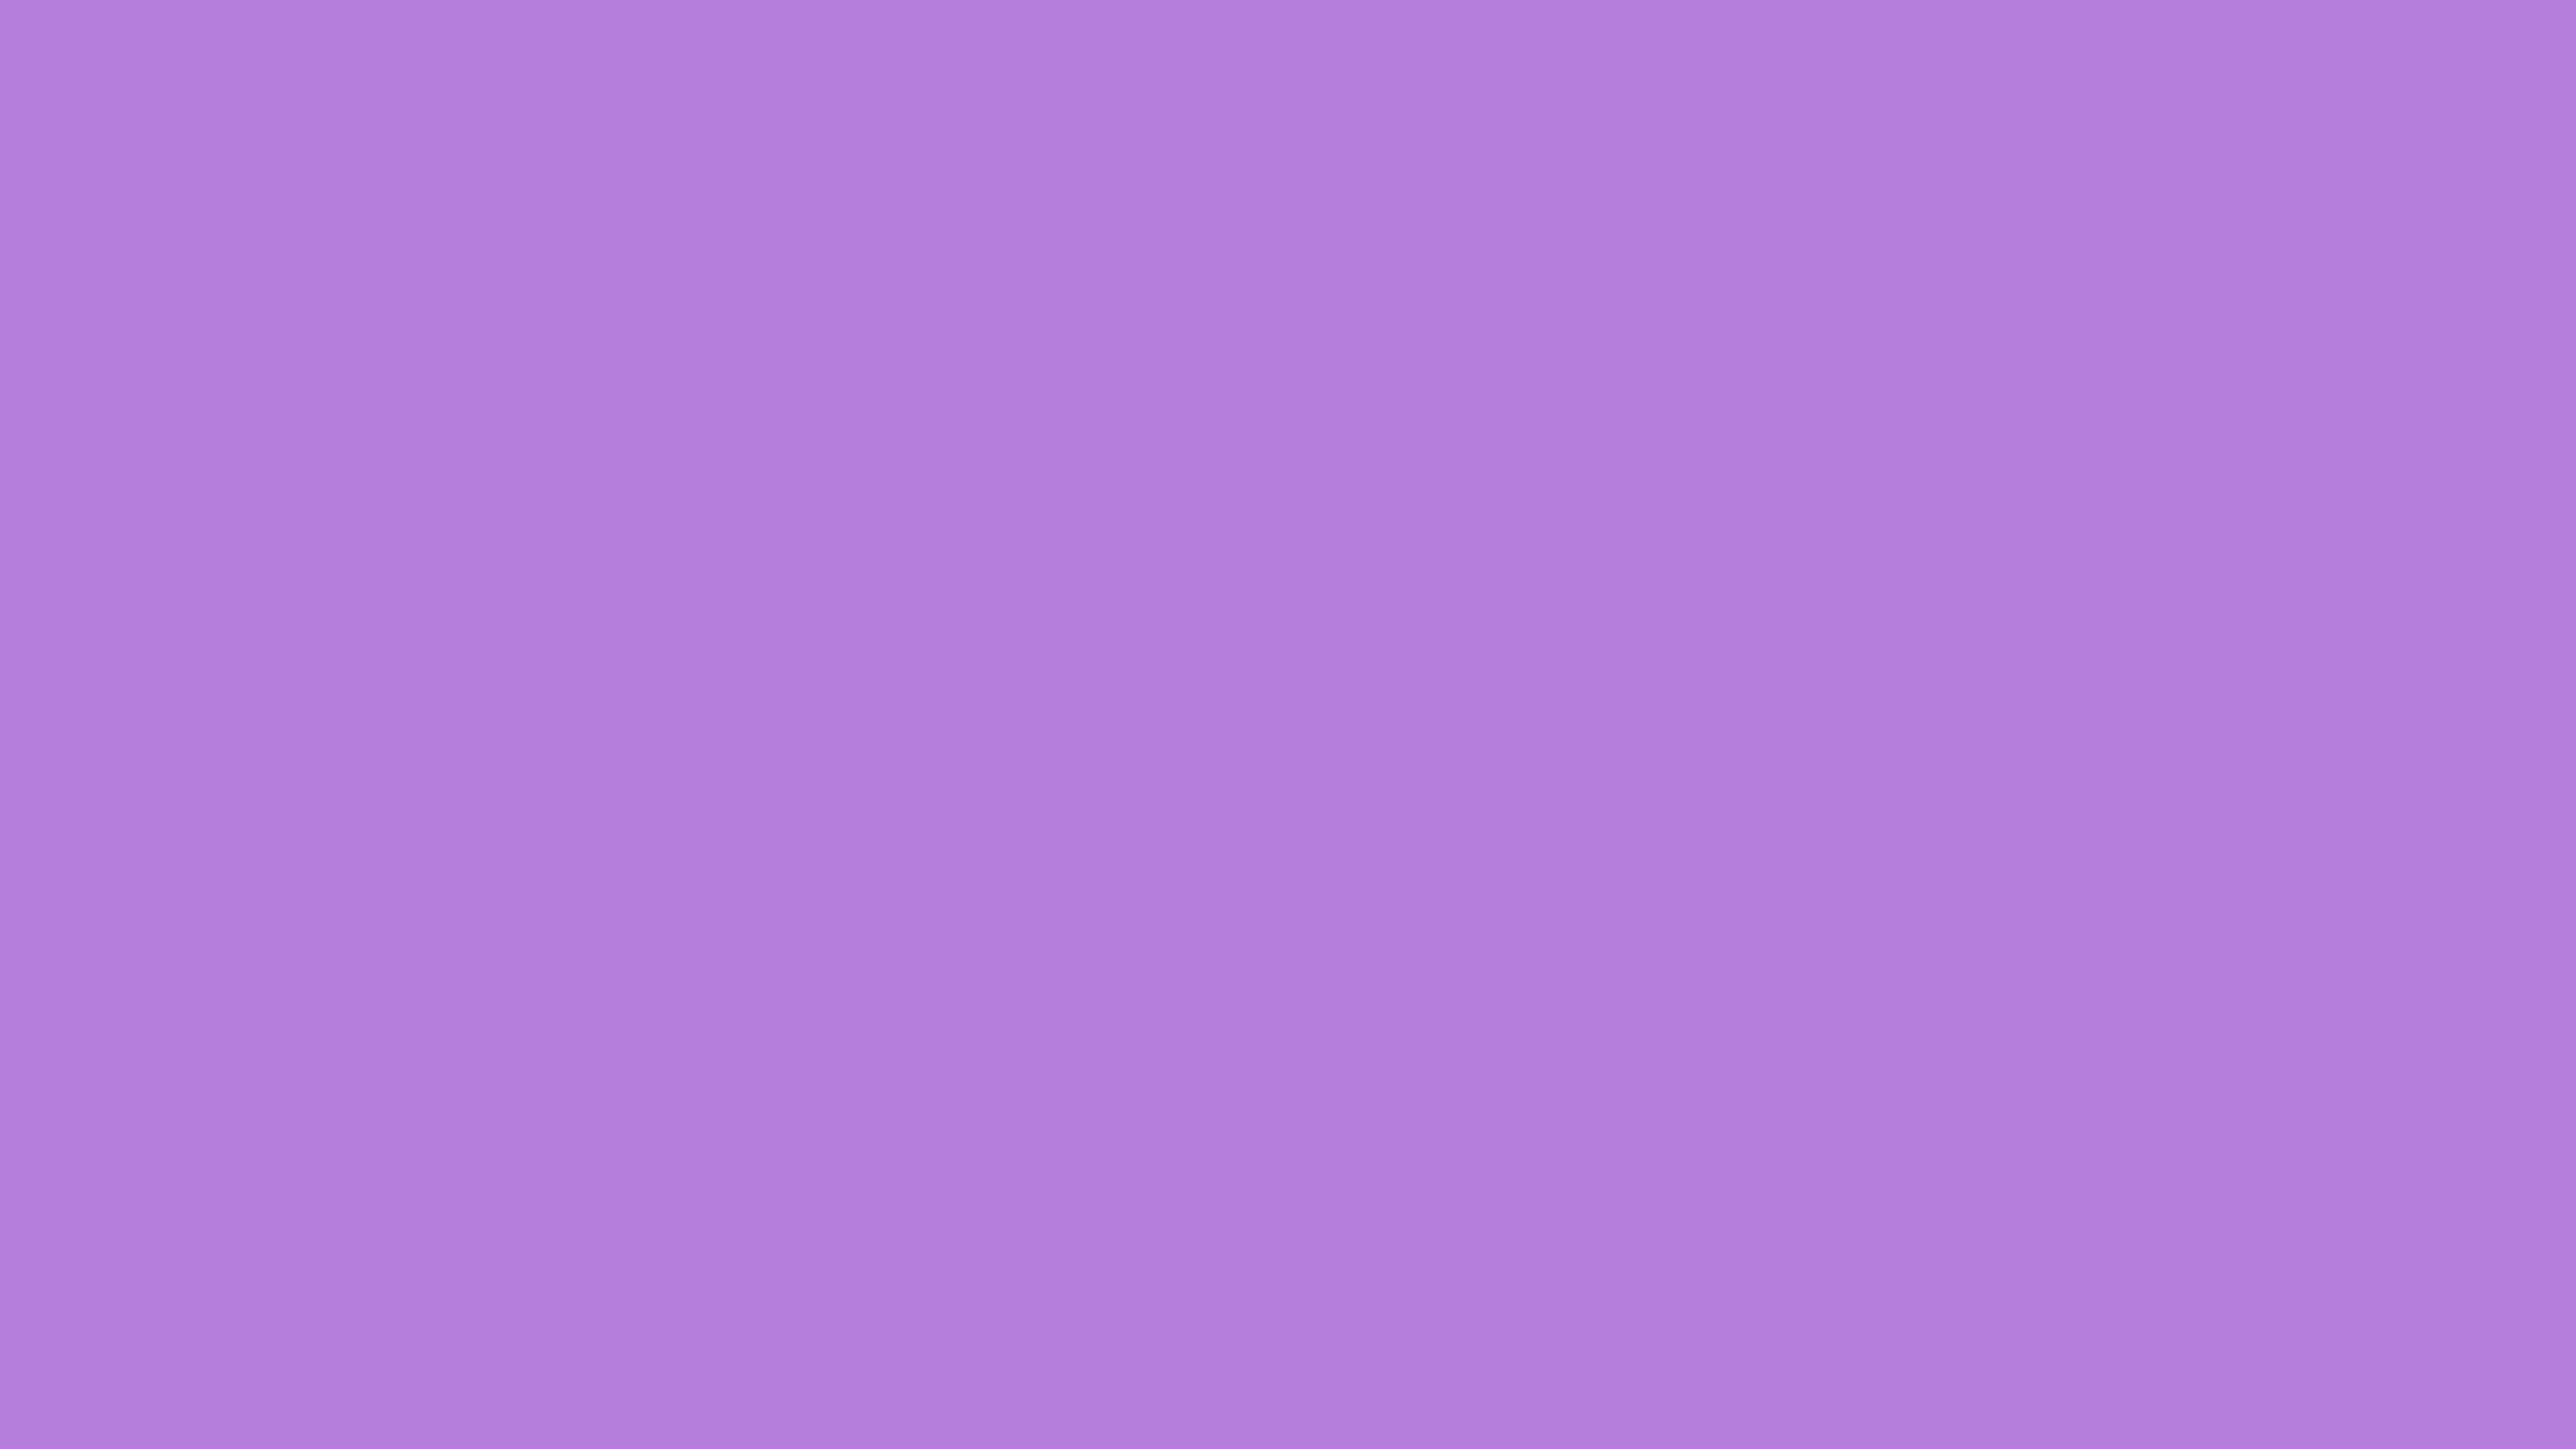 3840x2160 Lavender Floral Solid Color Background